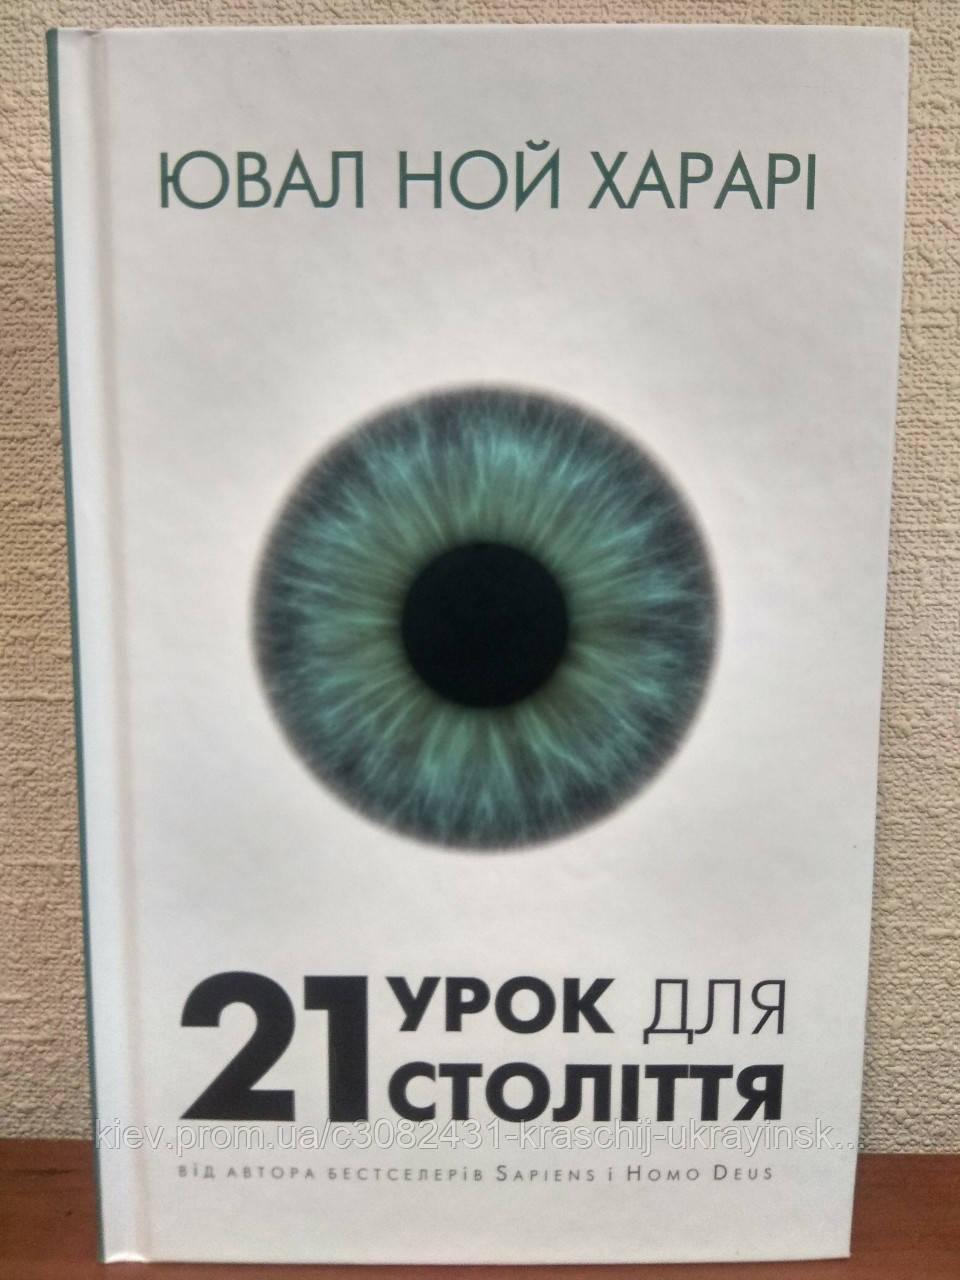 """""""21 урок для 21-го століття"""" Юваль Ной Харарі"""